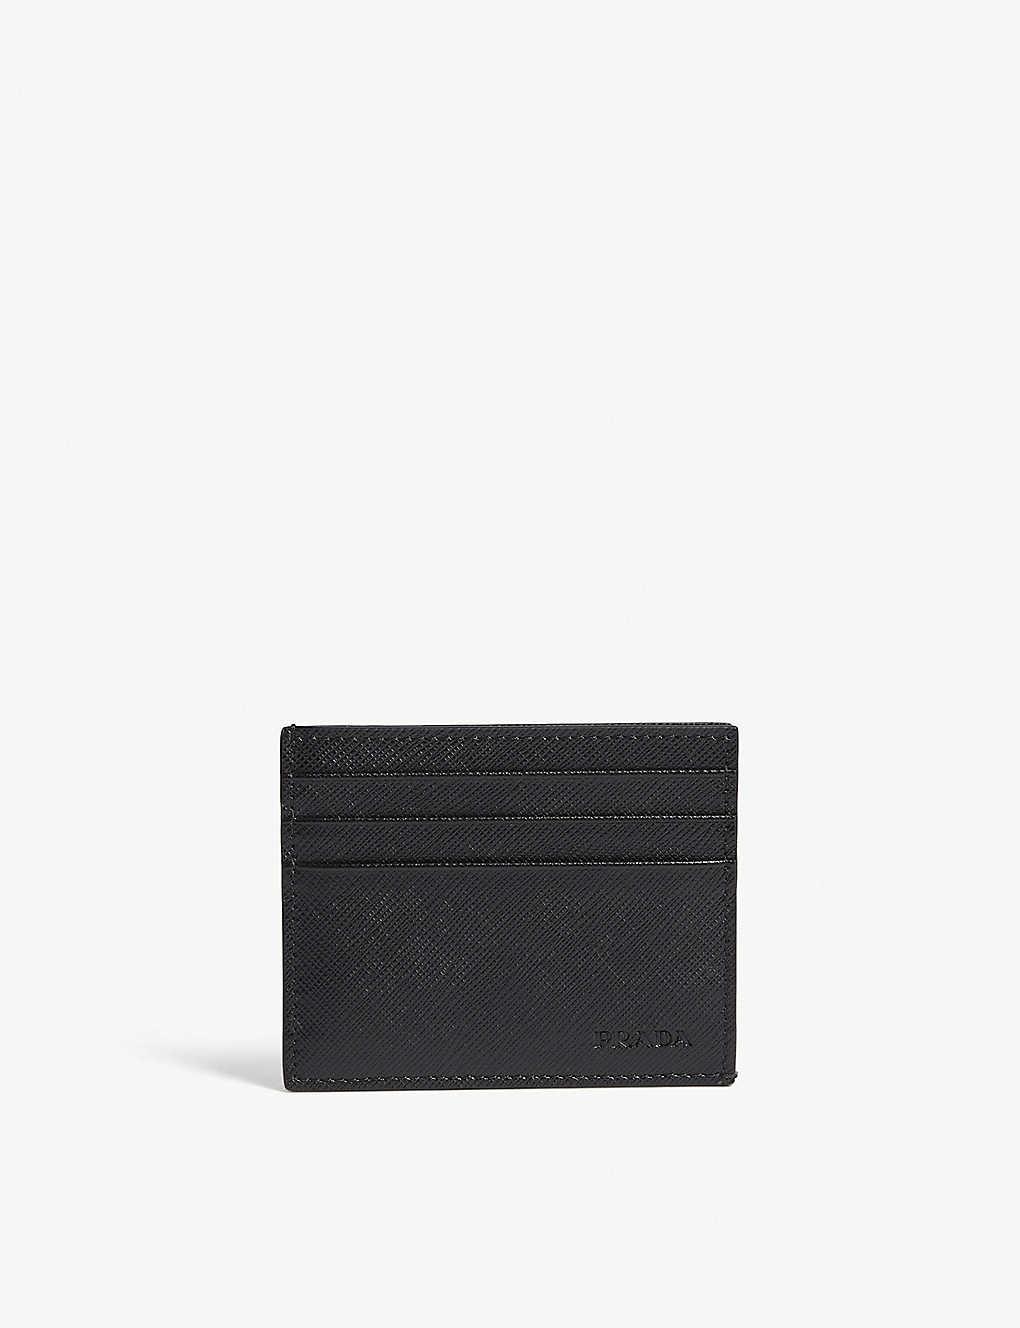 47c375ccebe4 PRADA - Saffiano leather card holder   Selfridges.com